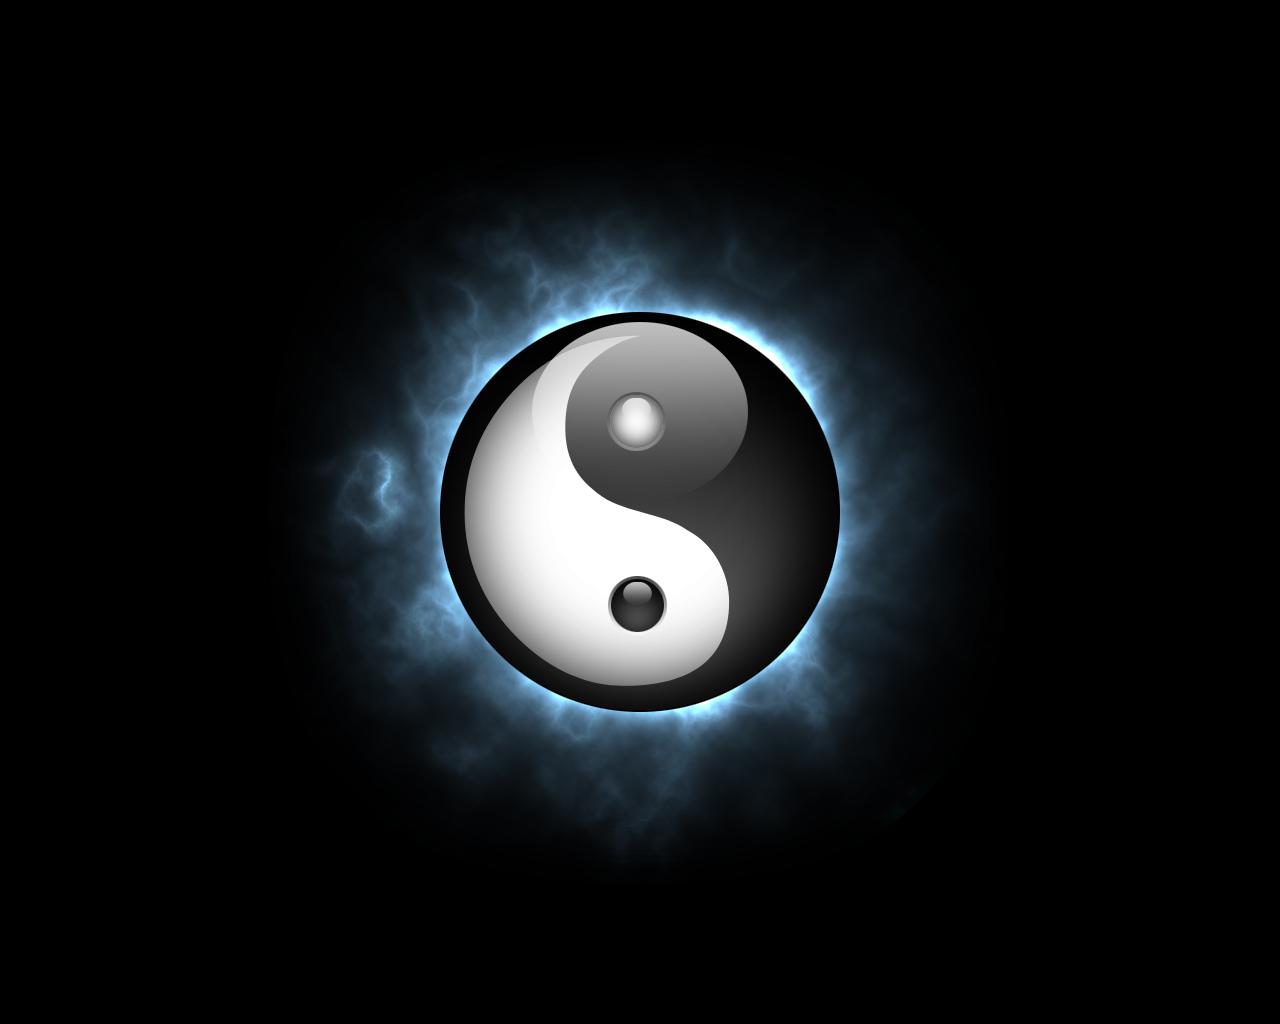 yin-yang-wallpaper-5